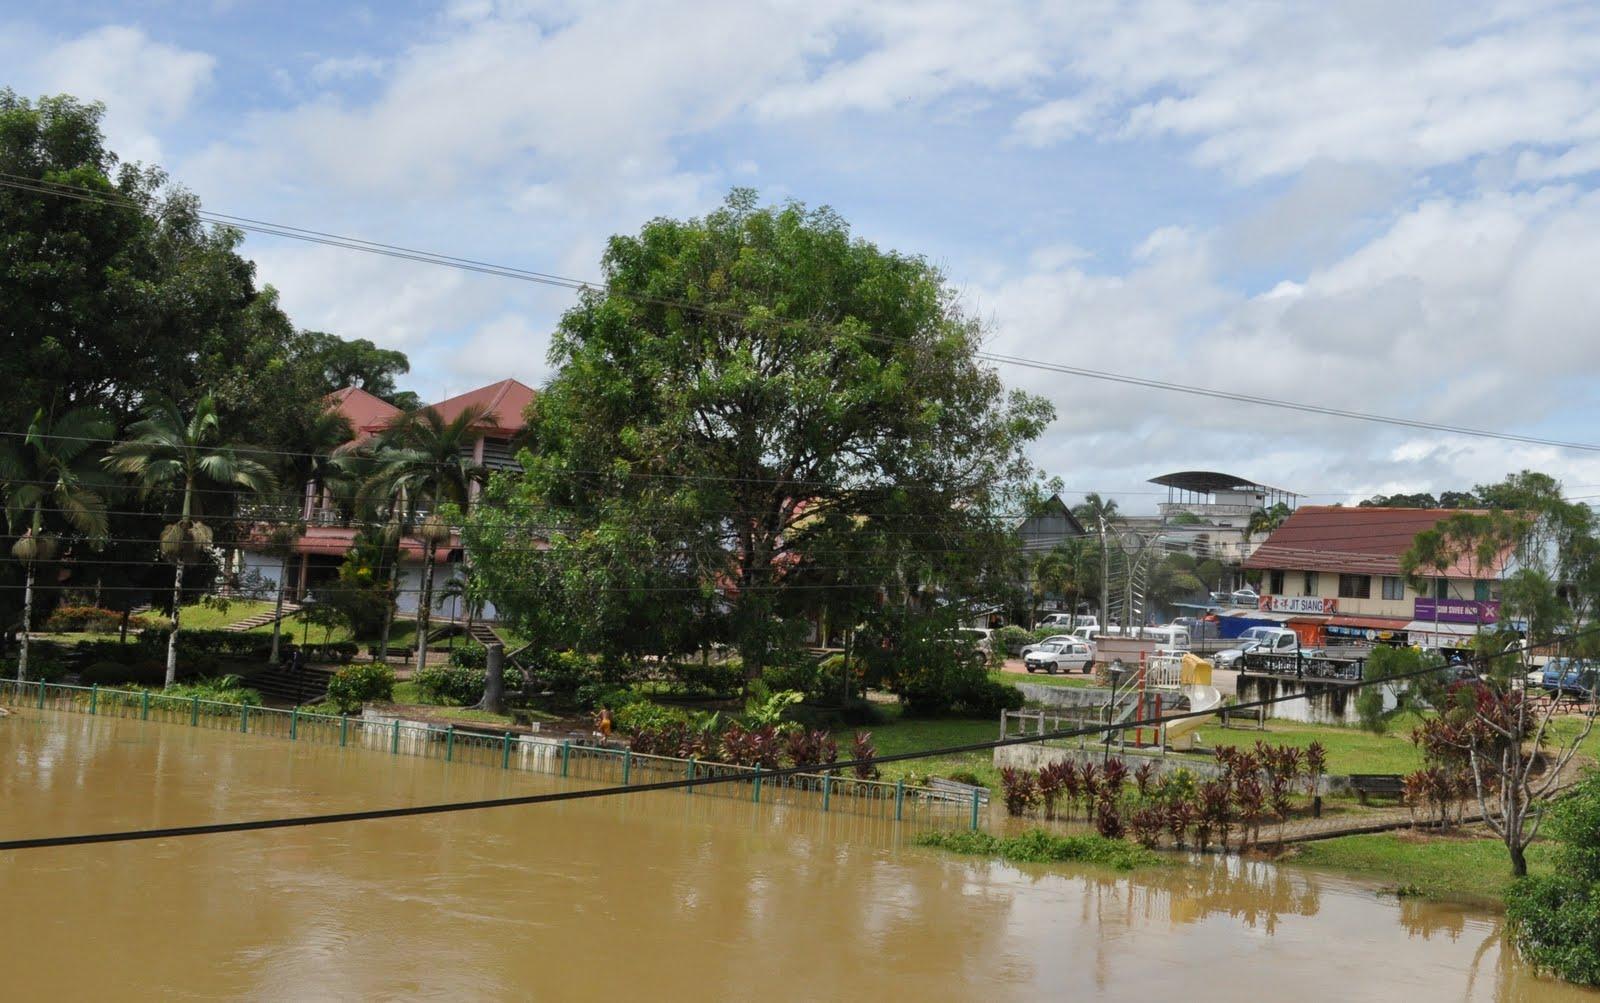 Himpunan berita-berita dari Sri Aman: Lubok Antu alami